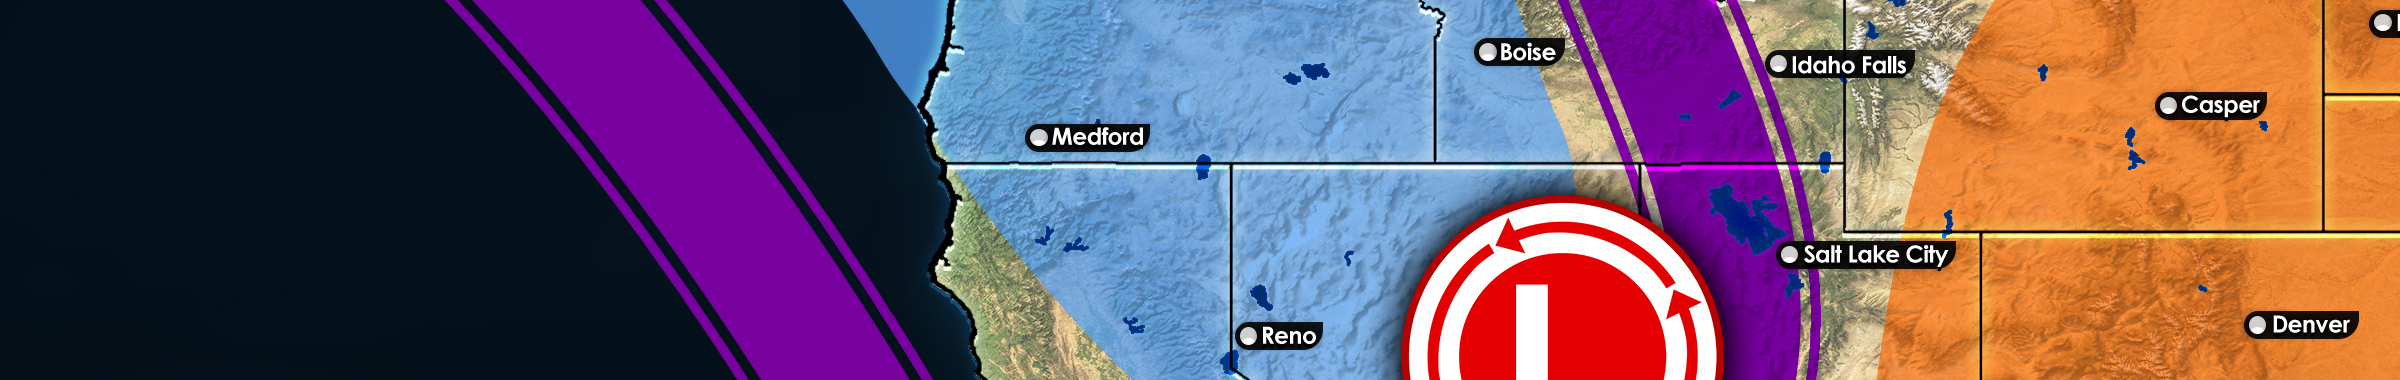 MG Maps Lite